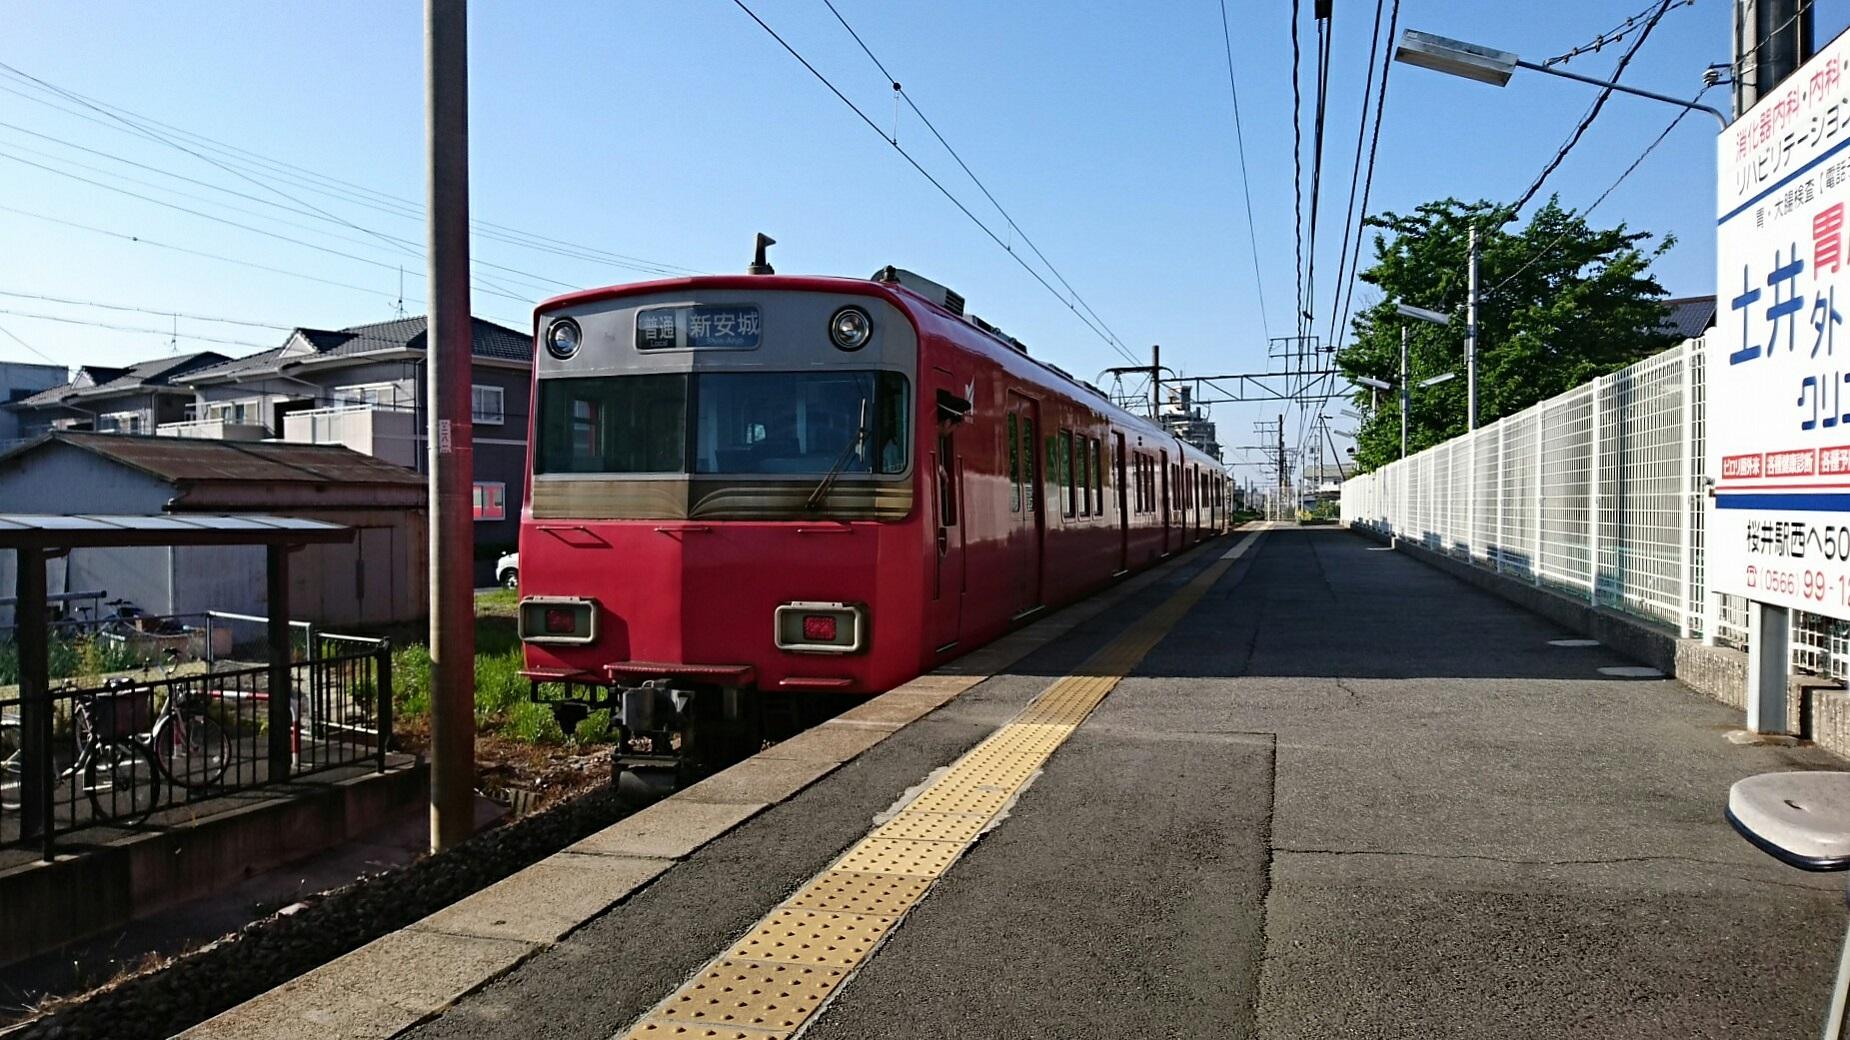 2018.4.29 西尾線 (5) 古井 - しんあんじょういきふつう(6050編成2両鉄仮面) 1850-1040